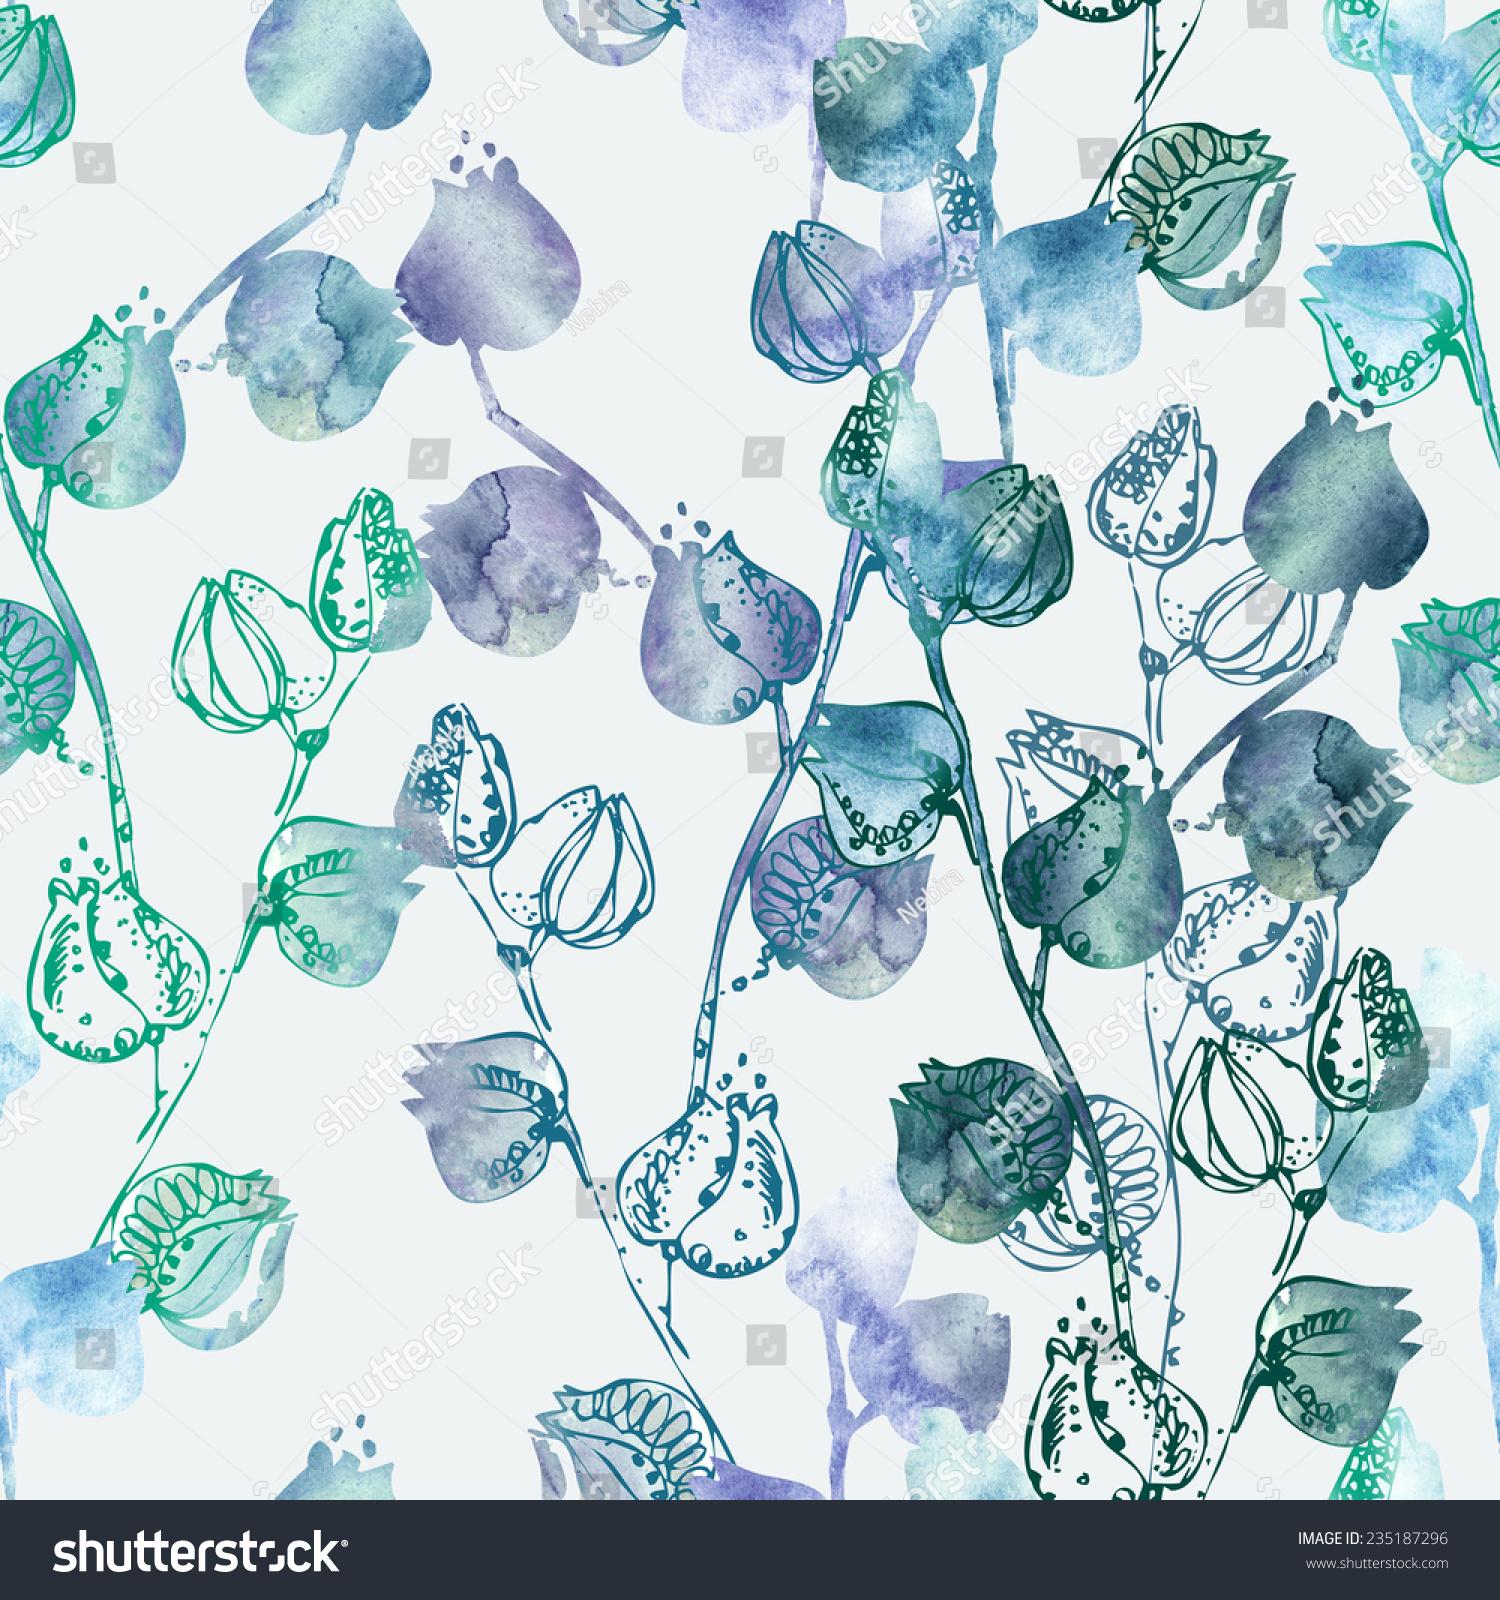 花卉无缝模式-背景/素材